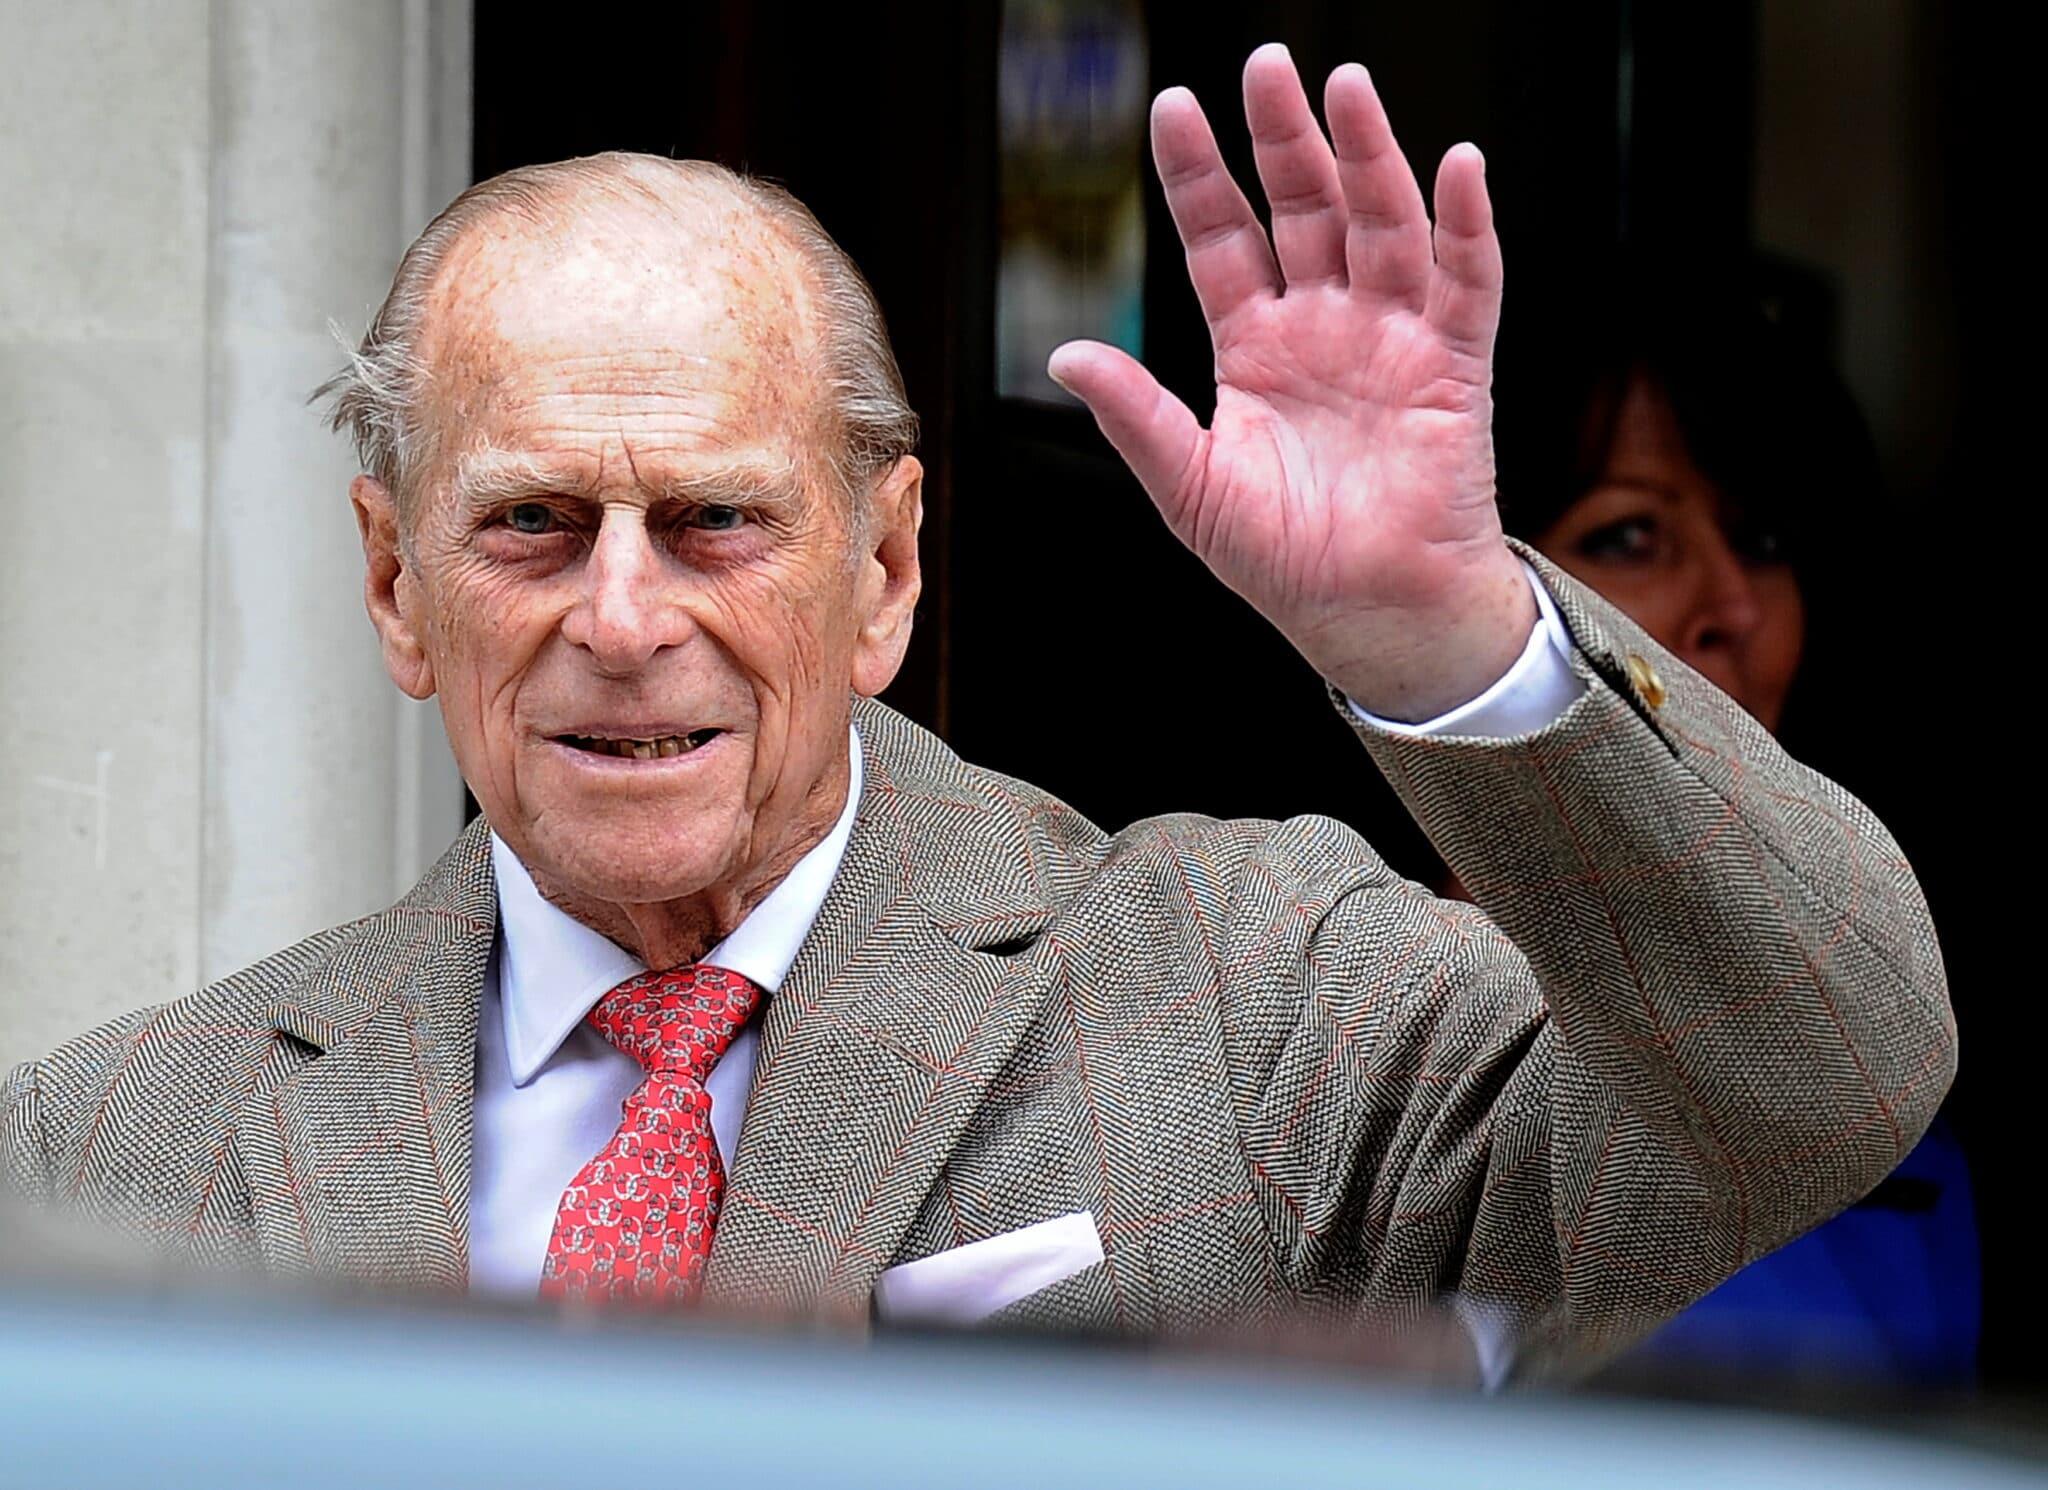 Princ Philip mává novinářům před nemocnicí v Londýně, 2012